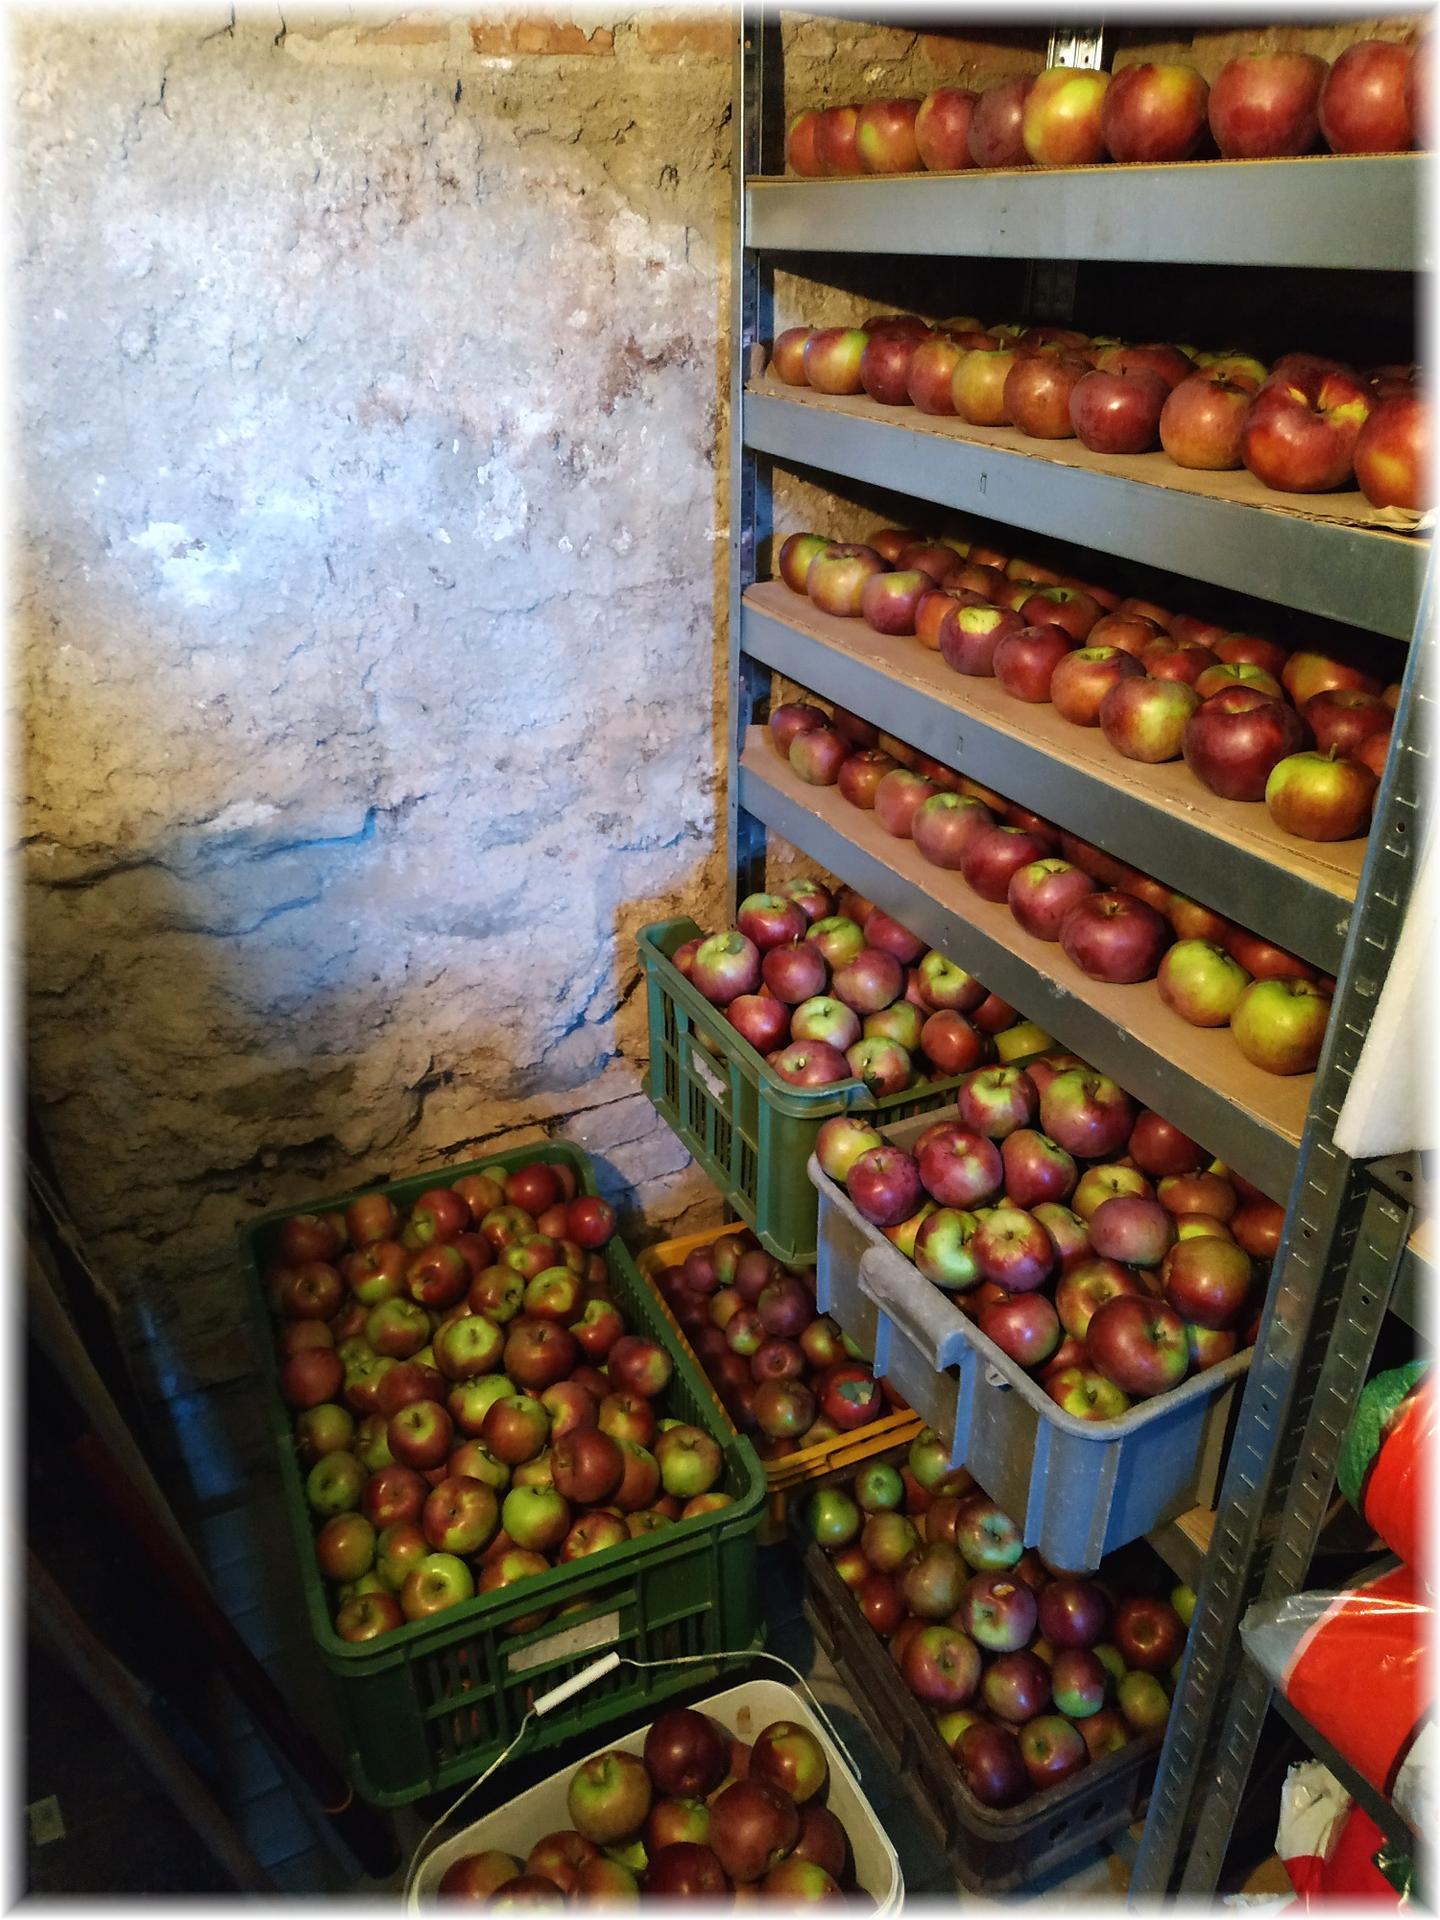 Dnes odpoledne bylo krásně, tak jsme ho strávili na zahradě. Část úrody od střechou, ale kam dáme zbytek netuším... Jablečná buchta na stole, jablečný mls a mošt v lednici, jablečná sezóna je tu :) A trvalky mi dělají pořád větší radost... - Obrázek č. 2